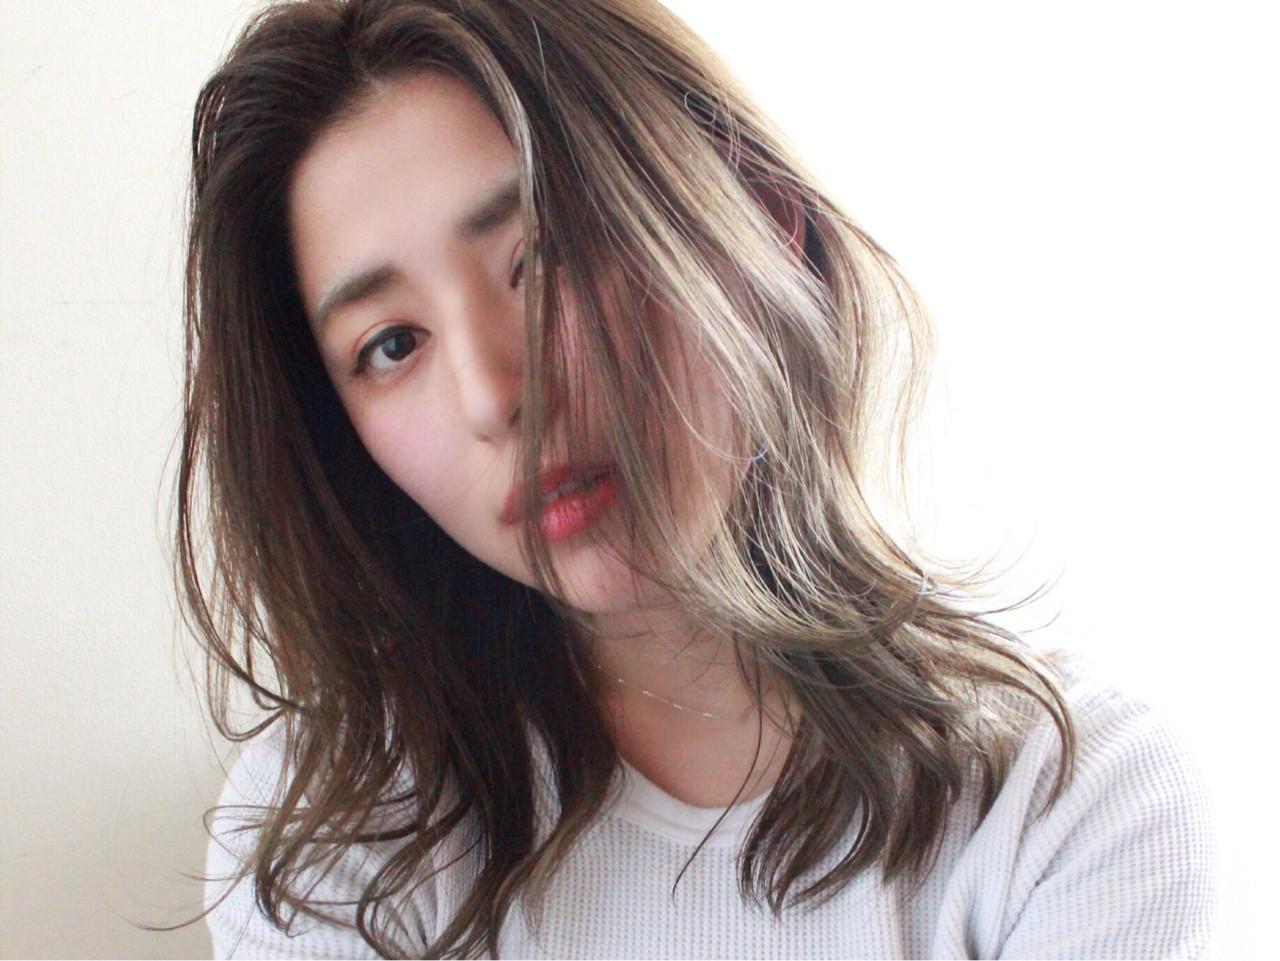 ミセス世代の髪型におすすめ!トレンドをしっかりおさえた大人仕様のスタイル 三木 康平